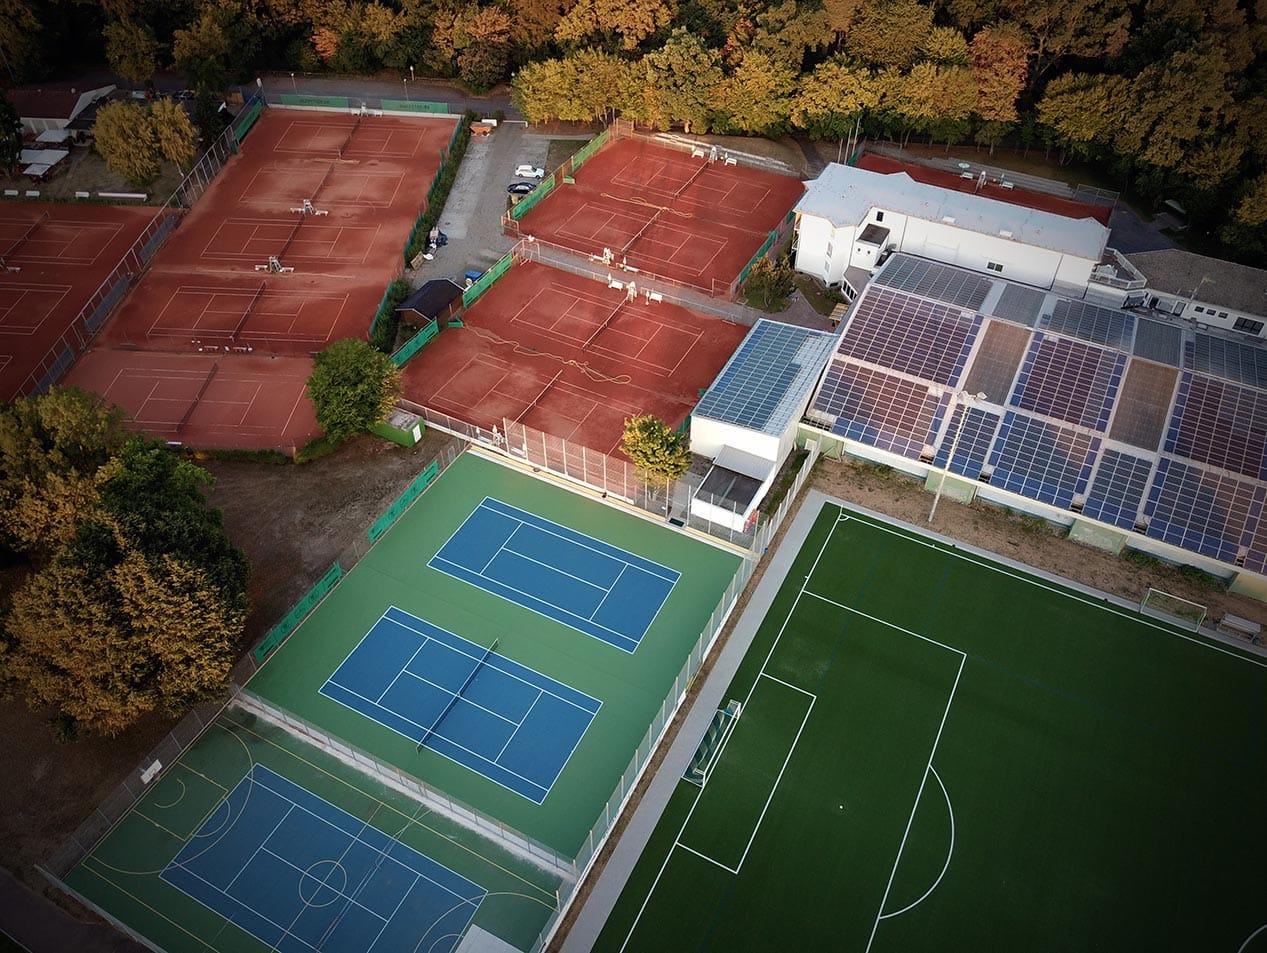 Hessischer Tennisverband Anlage